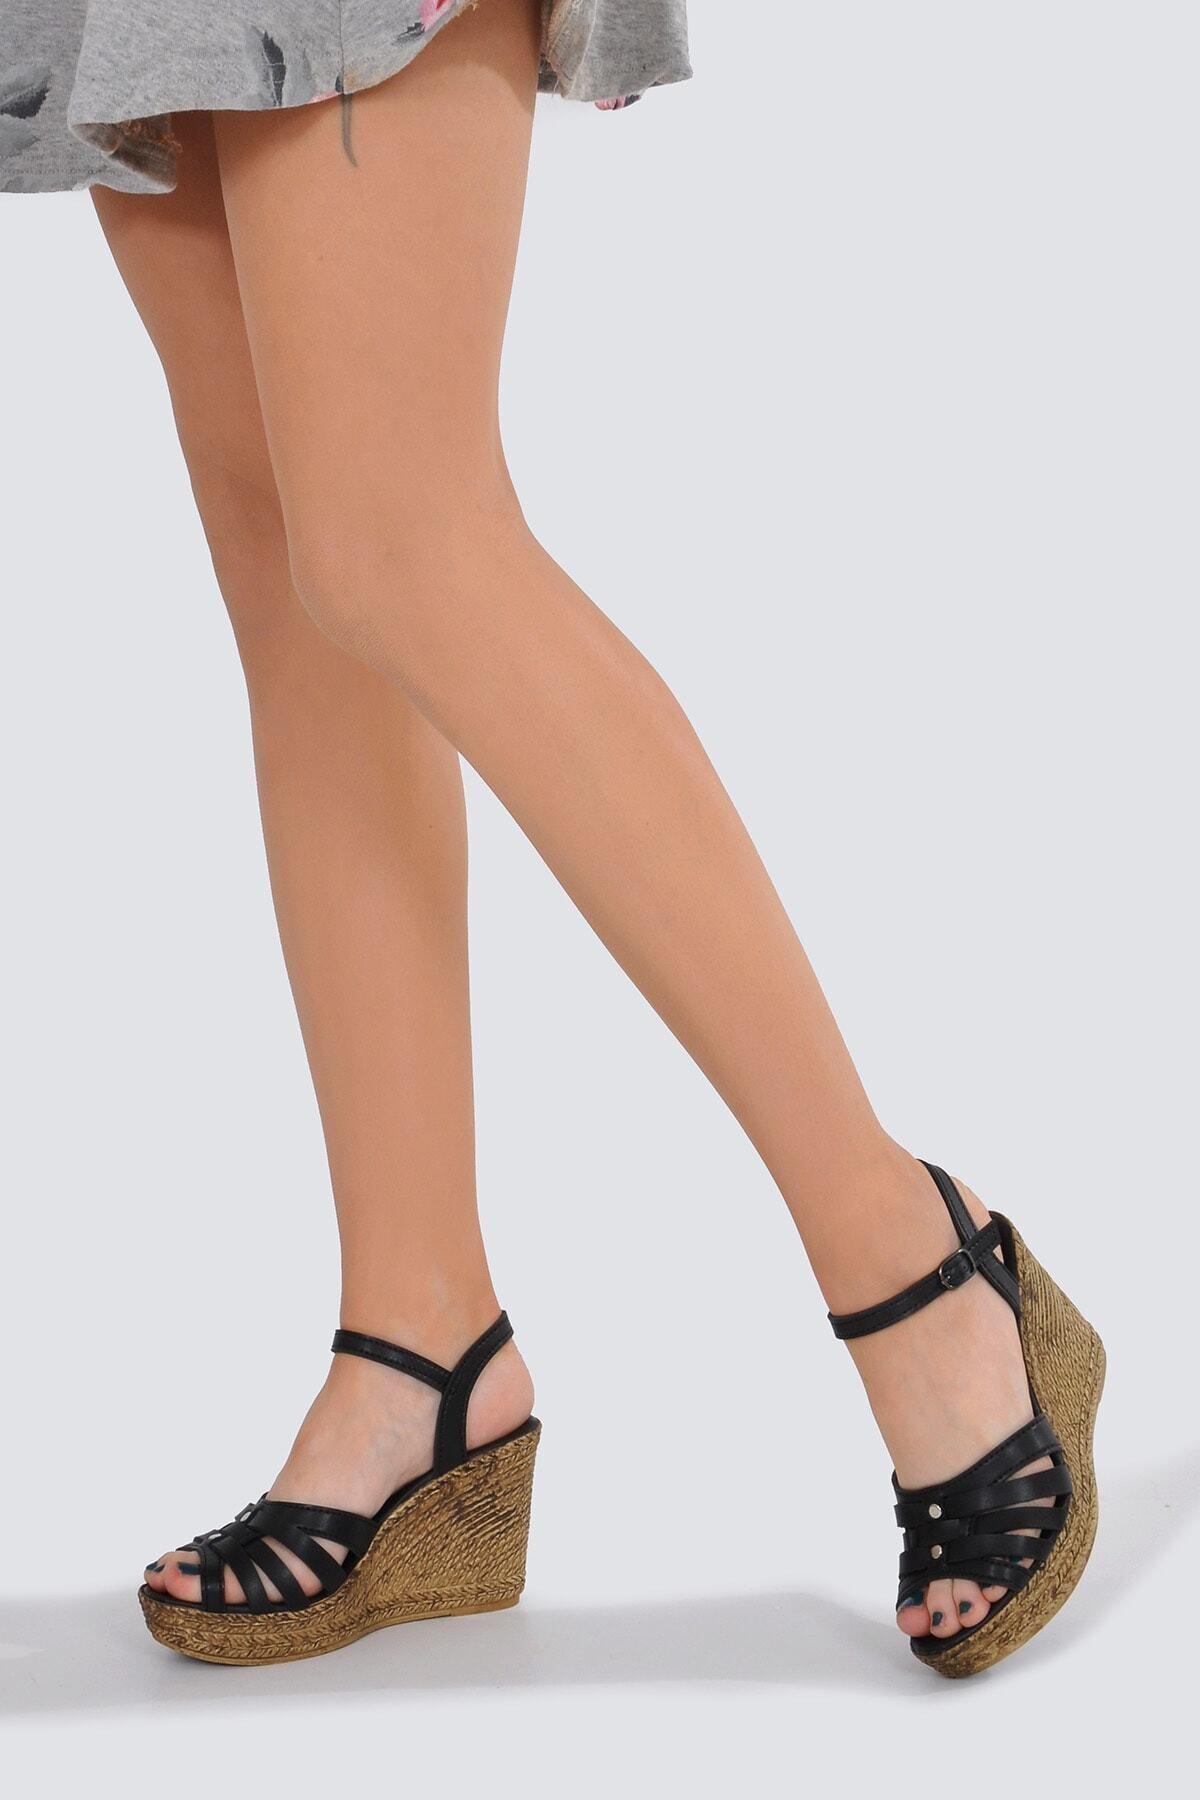 Kadın Ortopedik Günlük Sandalet